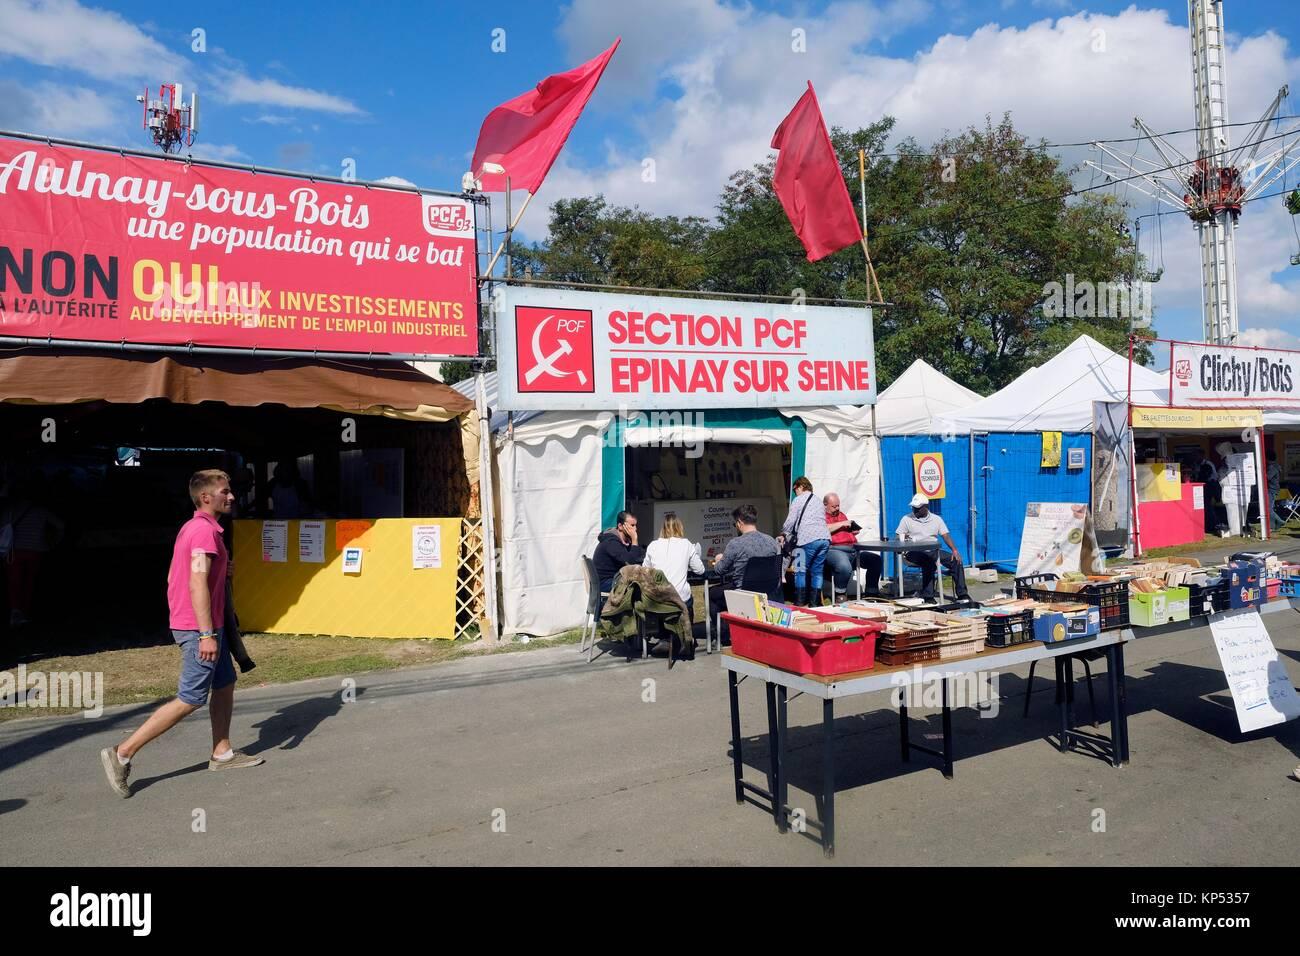 Humanity party, Fête de l´Humanité, La Courneuve, France. - Stock Image